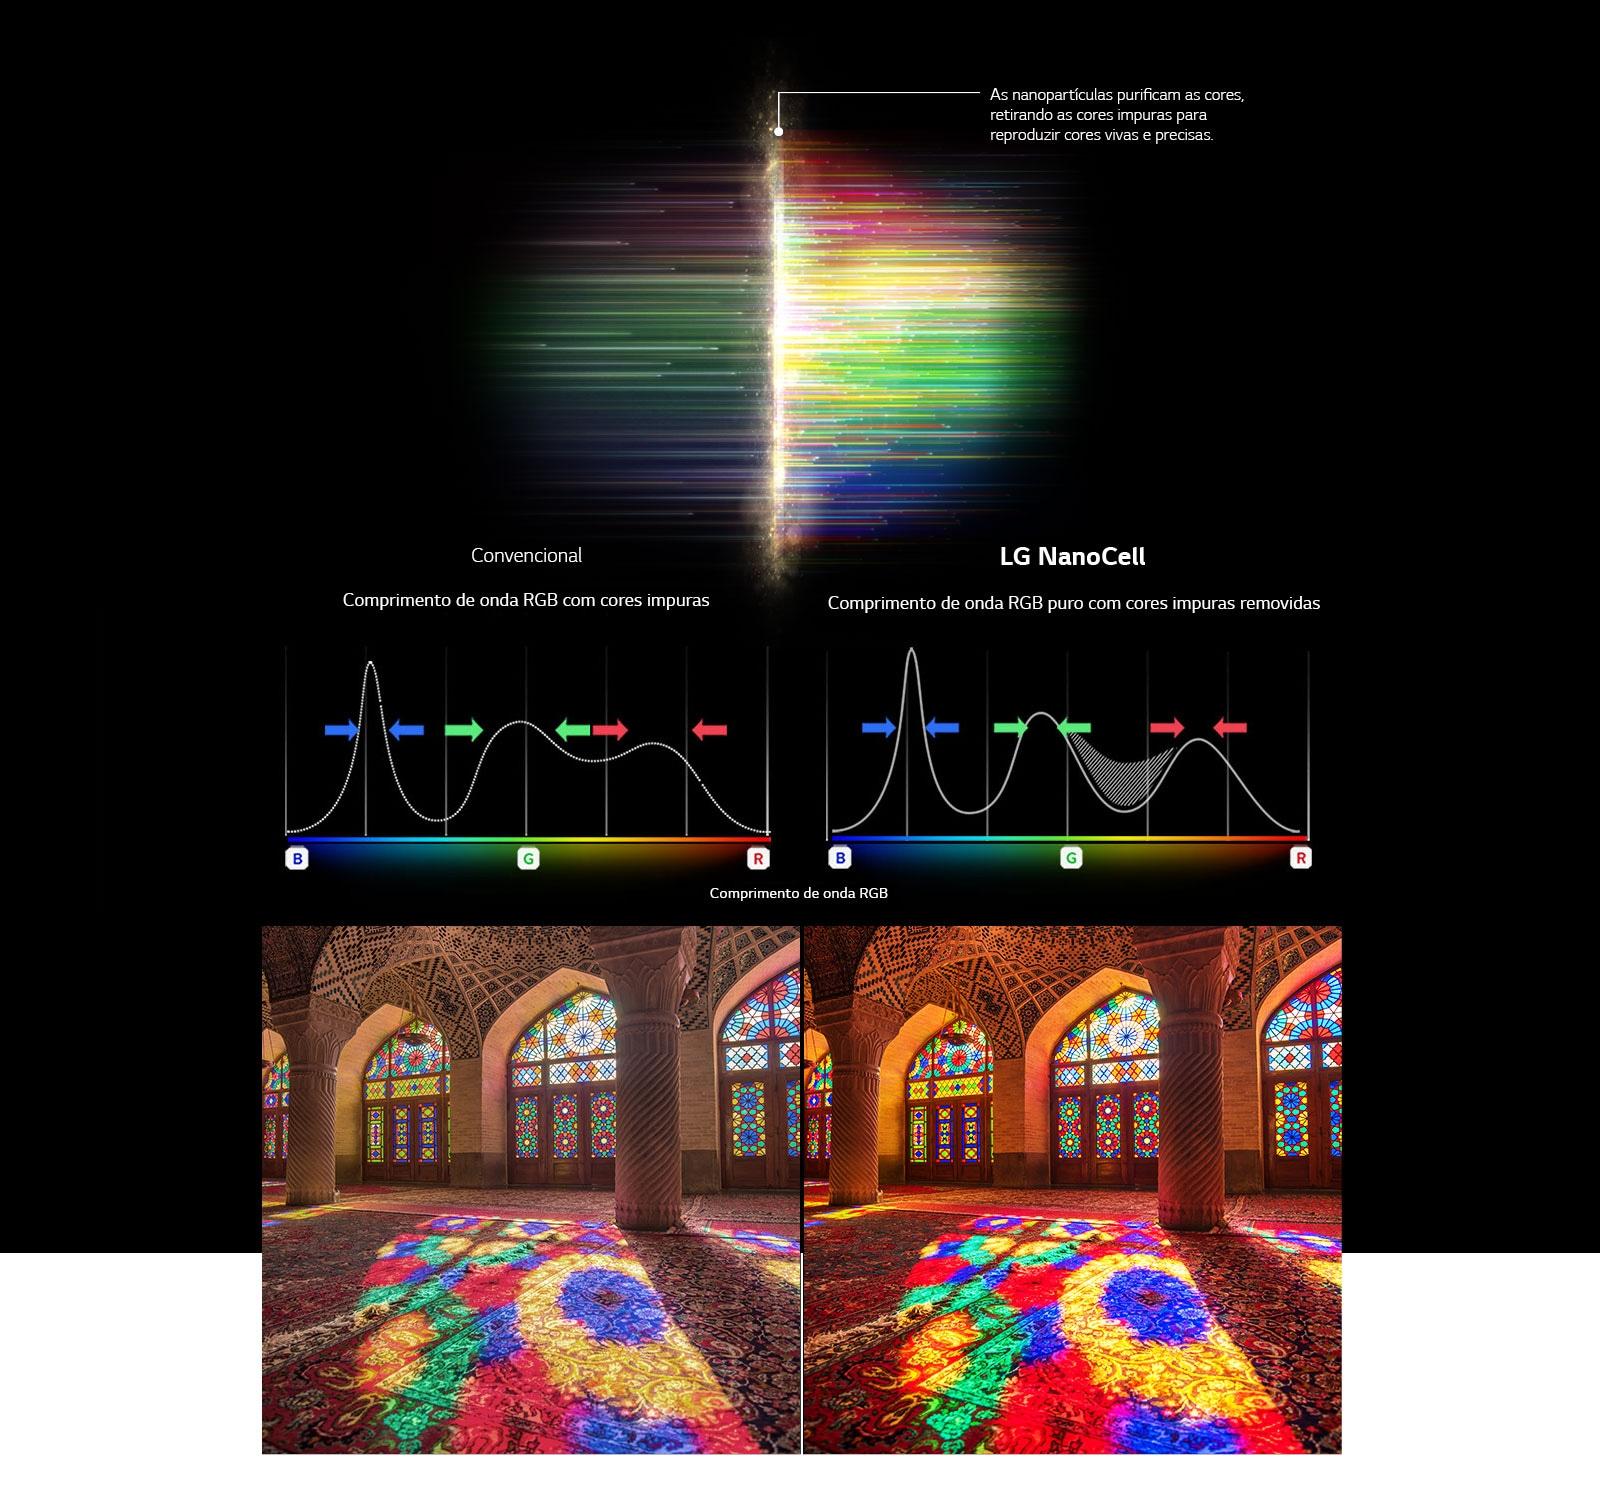 O gráfico do espectro RGB mostra cores filtradas e imagens impuras em comparação da pureza das cores entre as tecnologias convencional e NanoCell